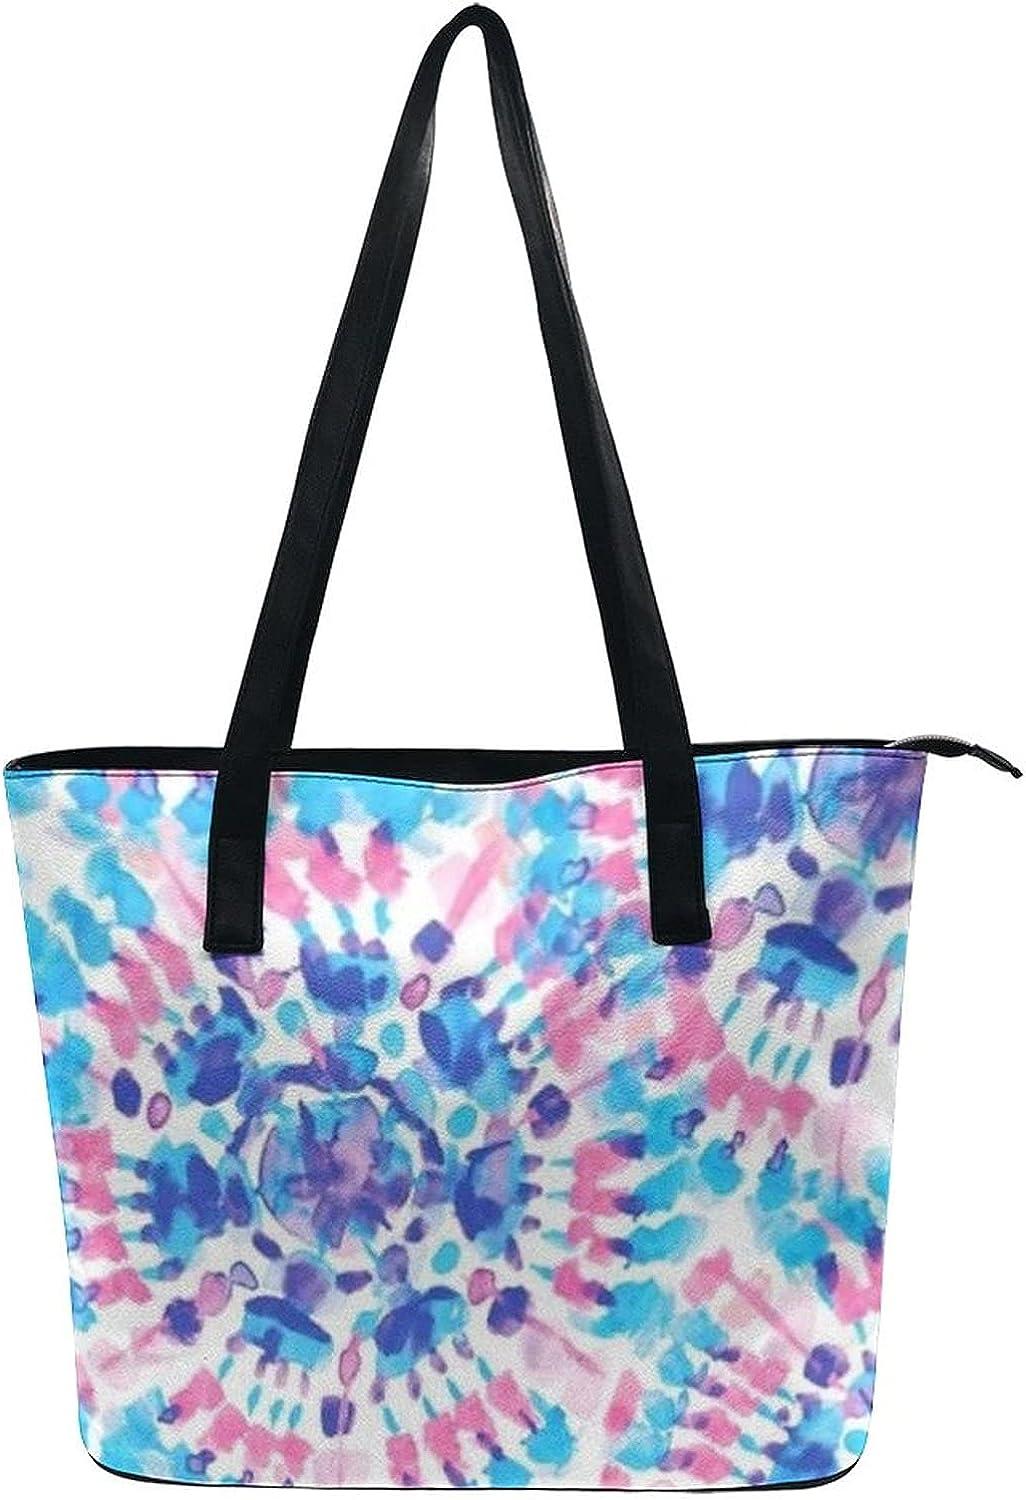 Women's 5% OFF Leisure Handbag Fashion Handbags Bags Tote Bag New item Shoulder